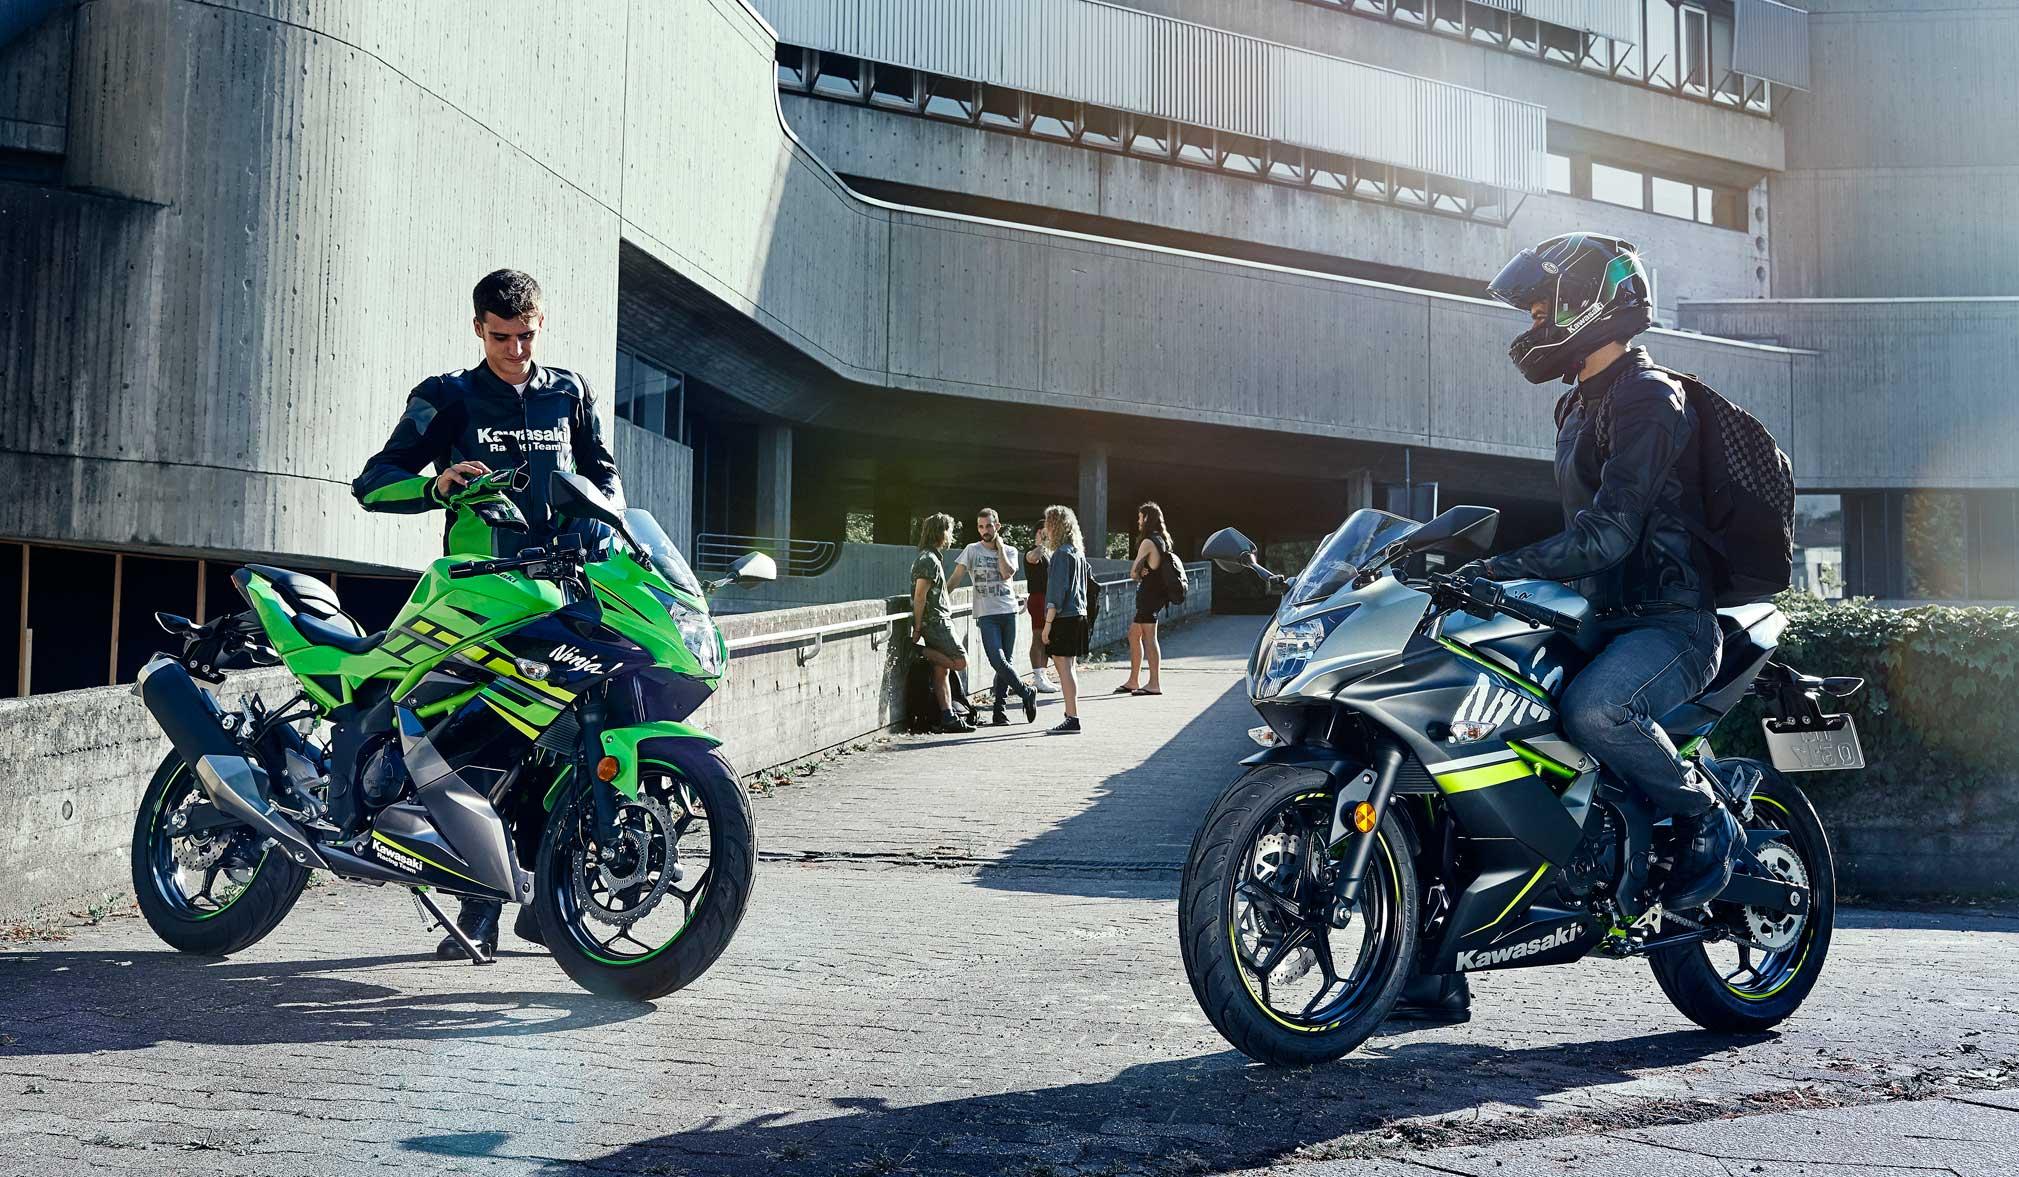 Kawasaki onthult de Ninja 125 of Z125: Een lastige keuze